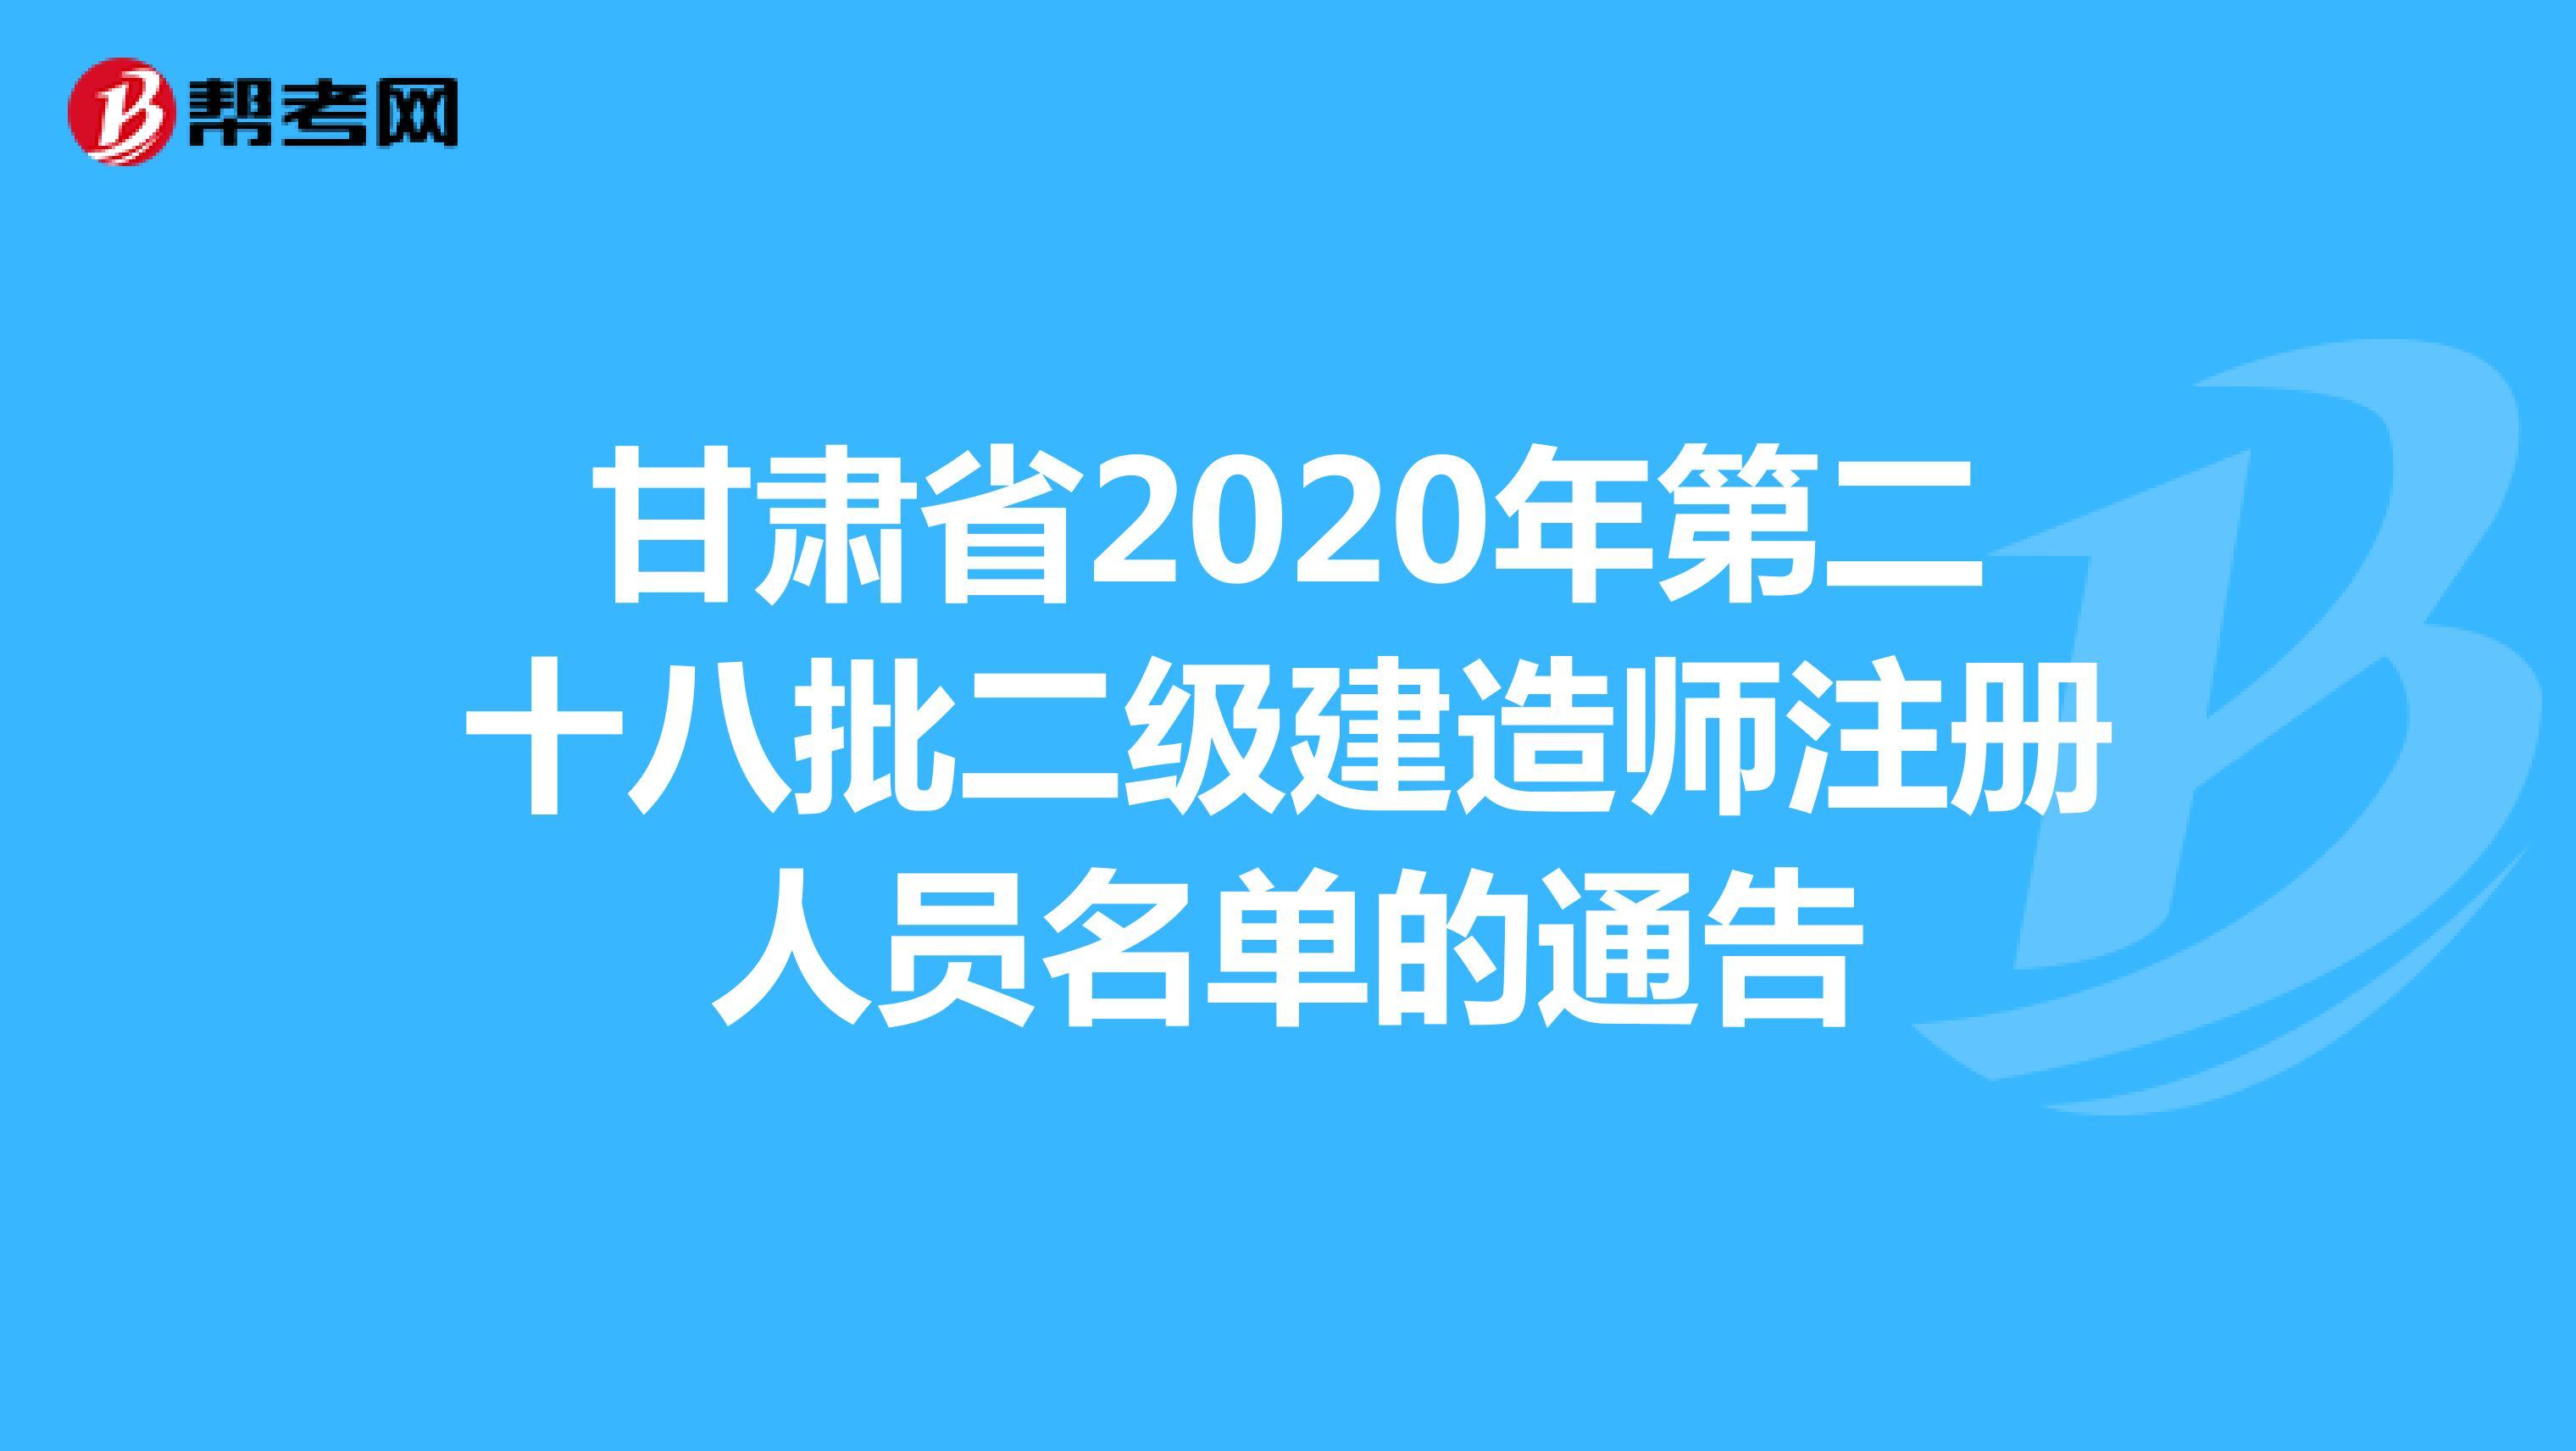 甘�C省2020年第二十八批二�建造���]�匀�T名①�蔚耐ǜ�